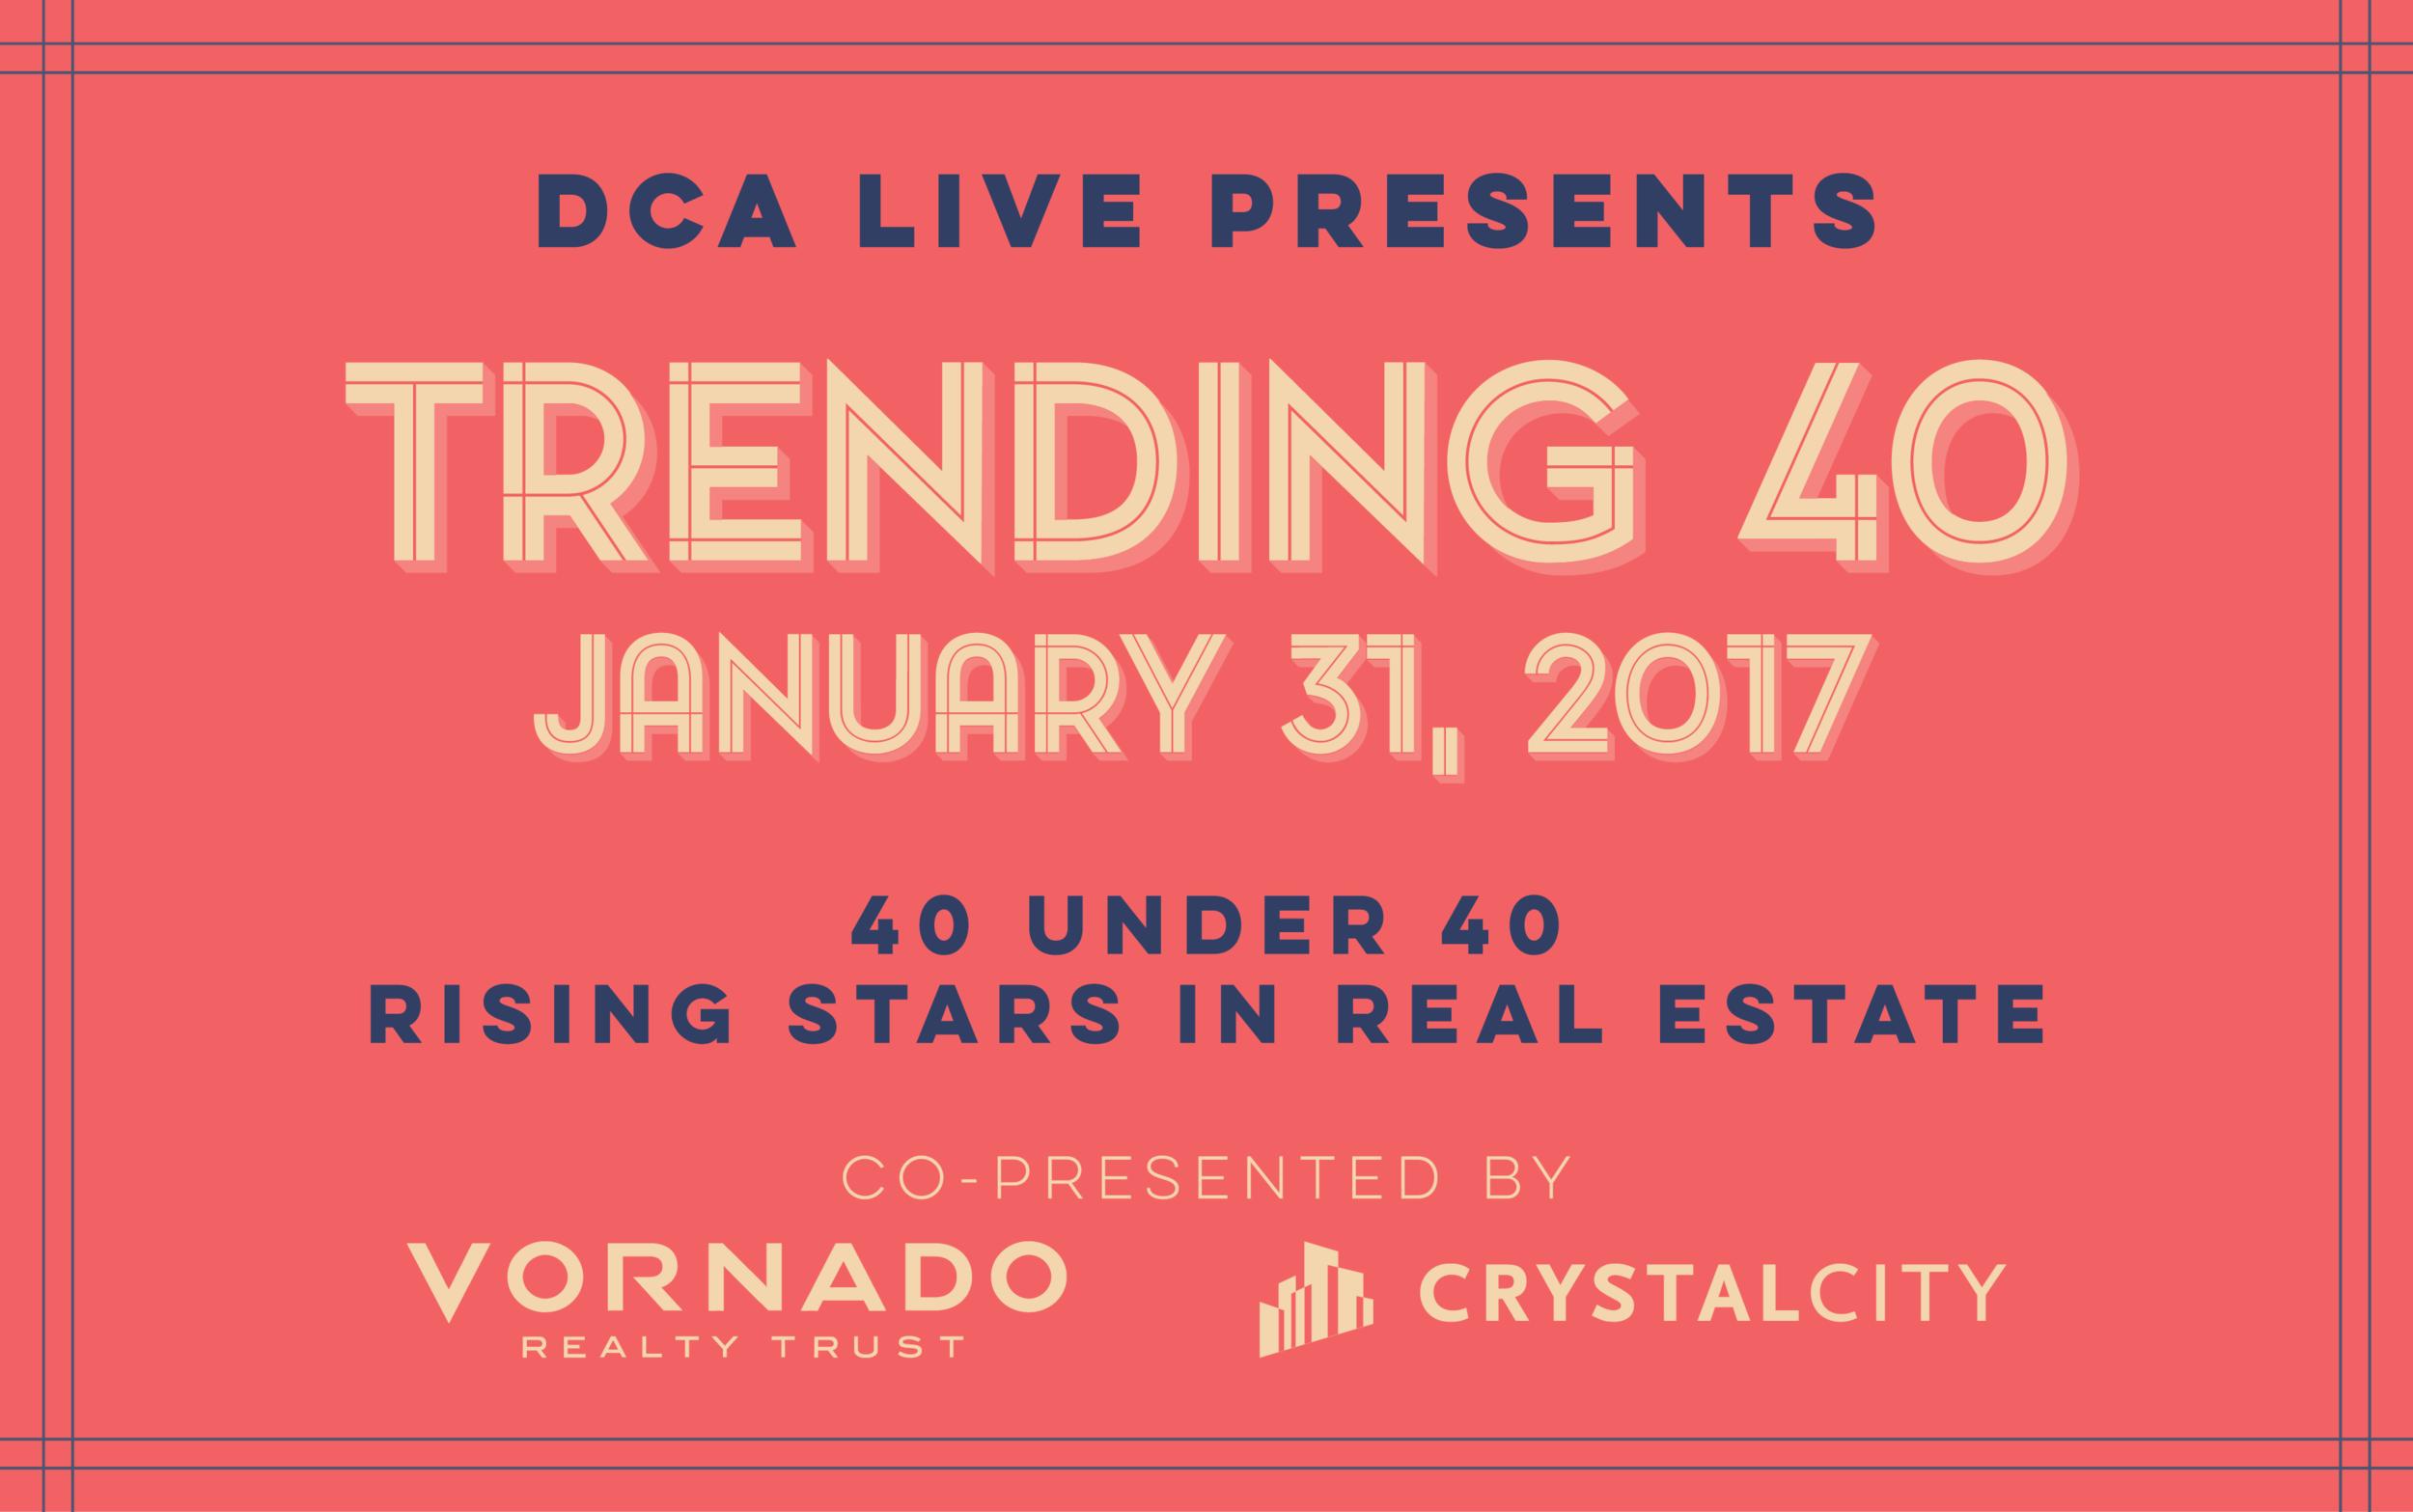 Trending40 2017 40 under 40 real estate-01.png